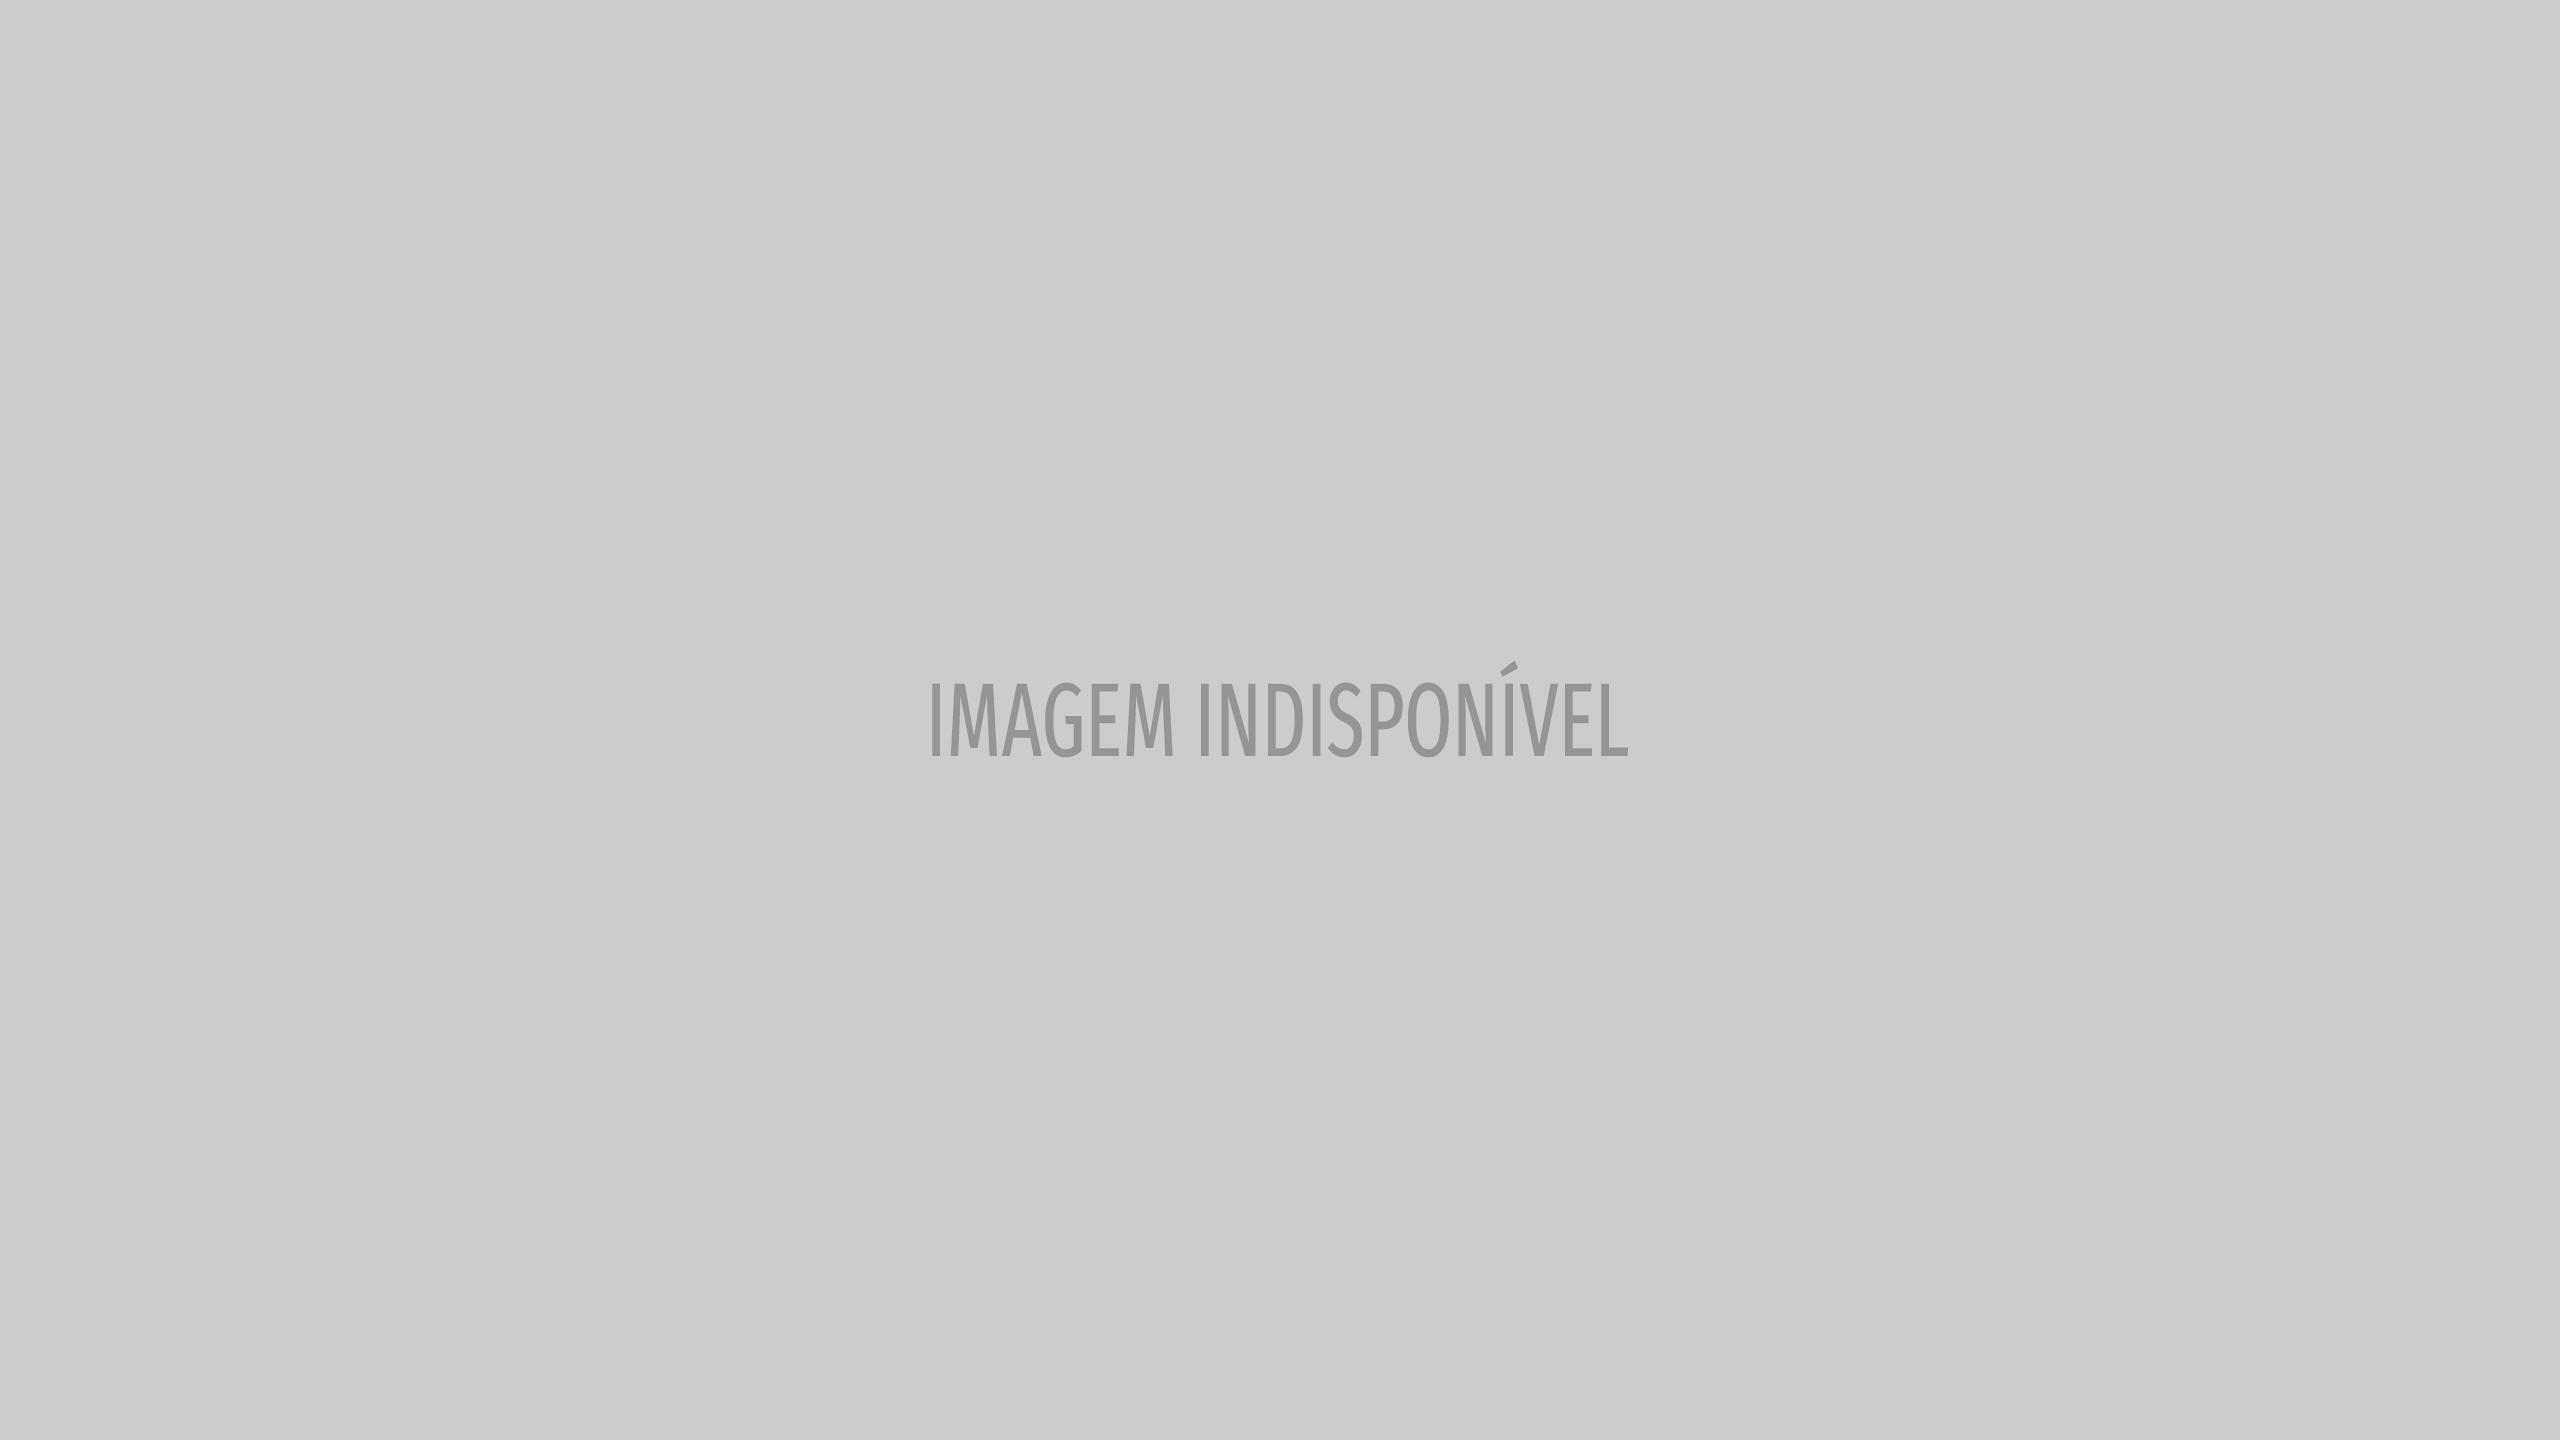 Campanha com Cleo Pires e Paulo Vilhena da Paralímpiadas é detonada